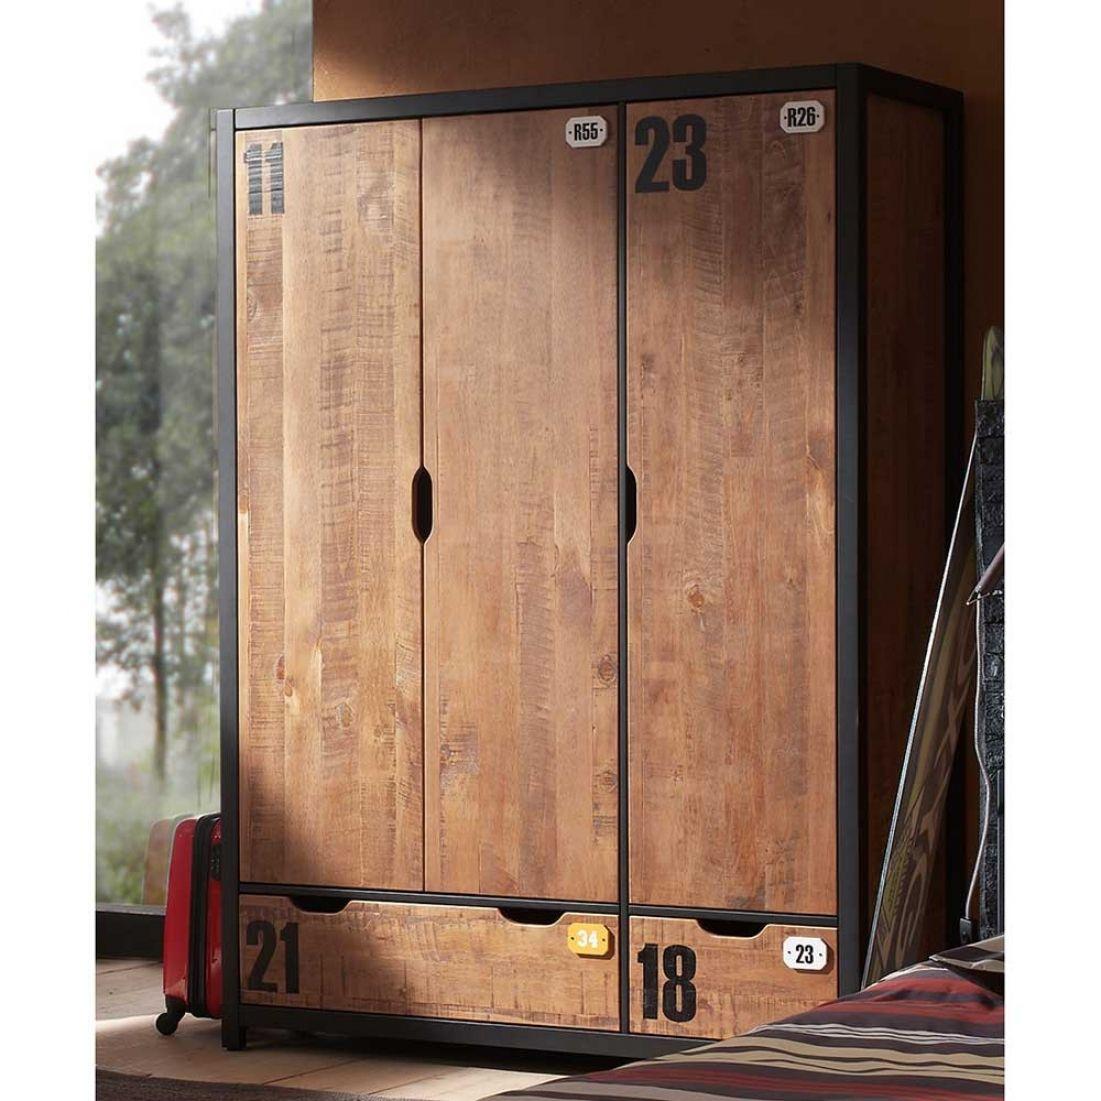 Großartig Jugendzimmer Kleiderschrank Referenz Von Stilvolle-kleiderschrank-trial-jugendzimmer-kleiderschrank -mucenna-aus-kiefer-